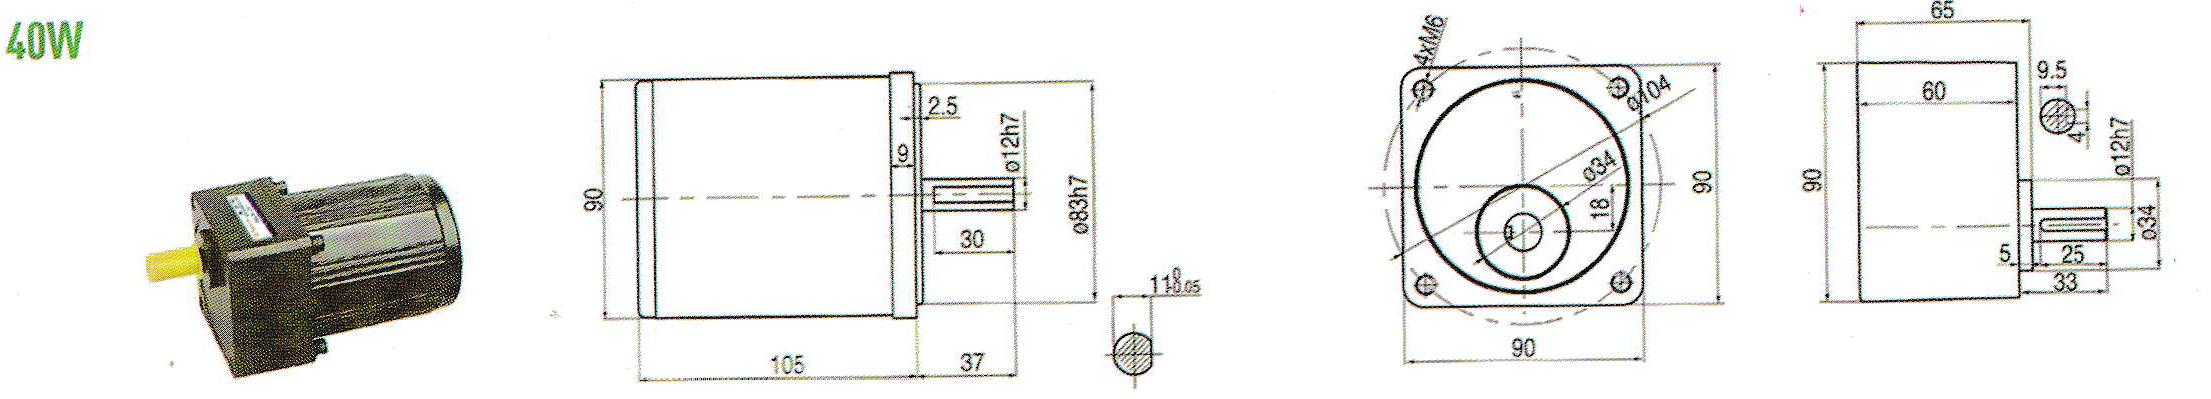 cấu tạo motor mini 40W